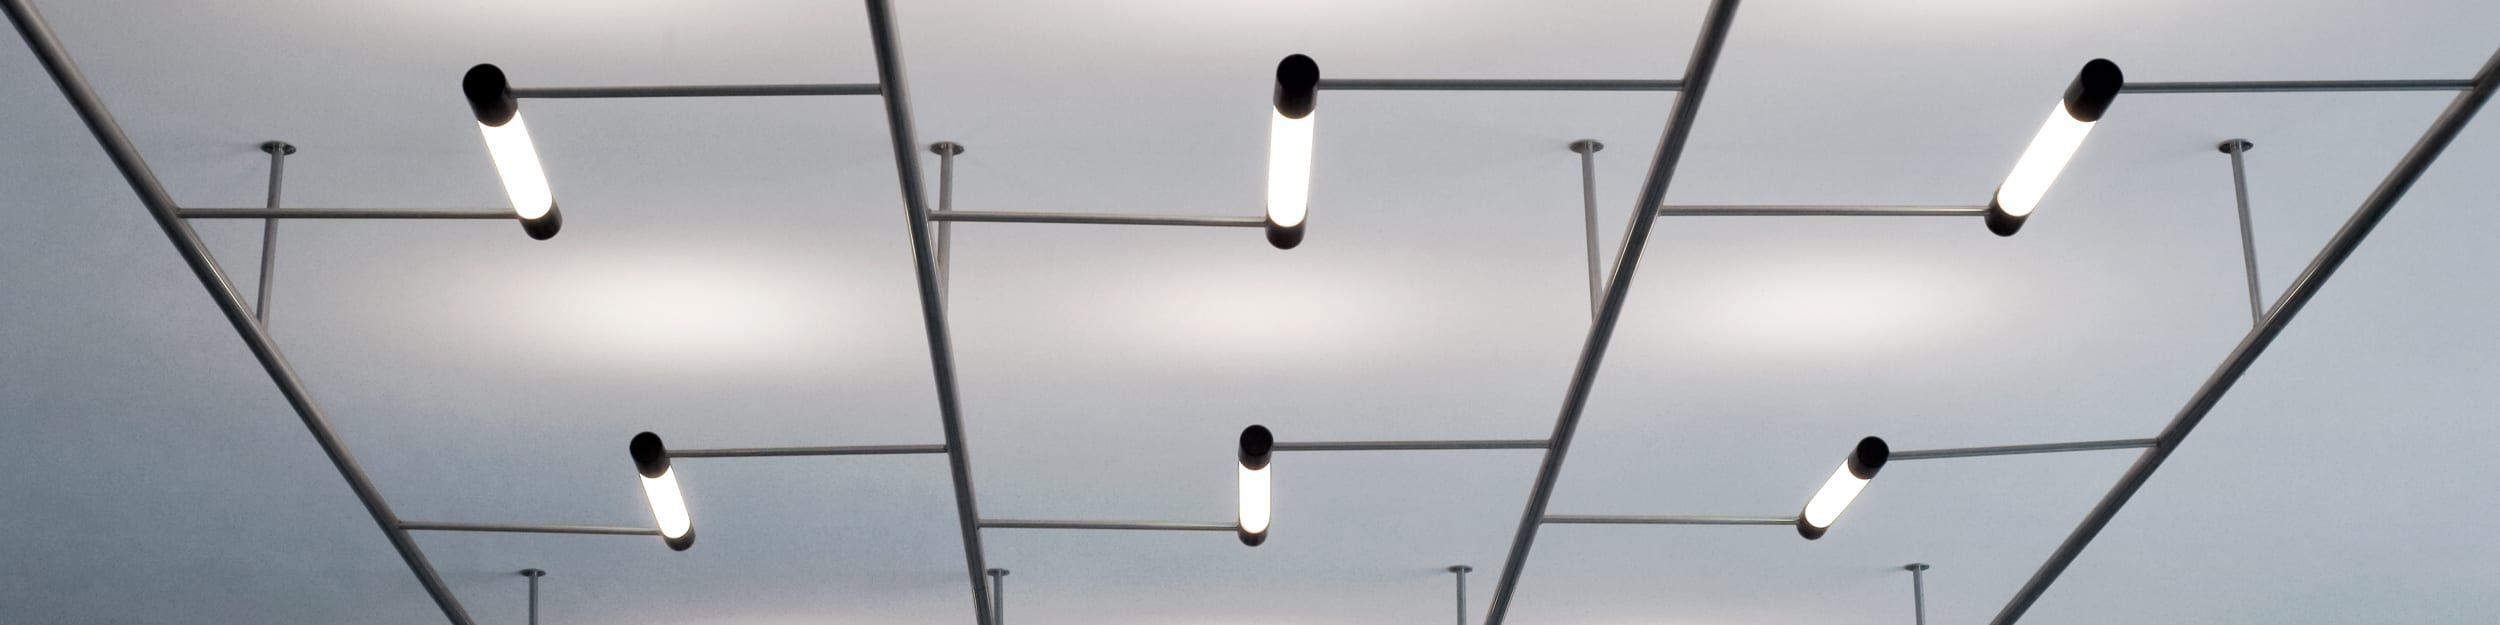 Bauhaus_GME_0236